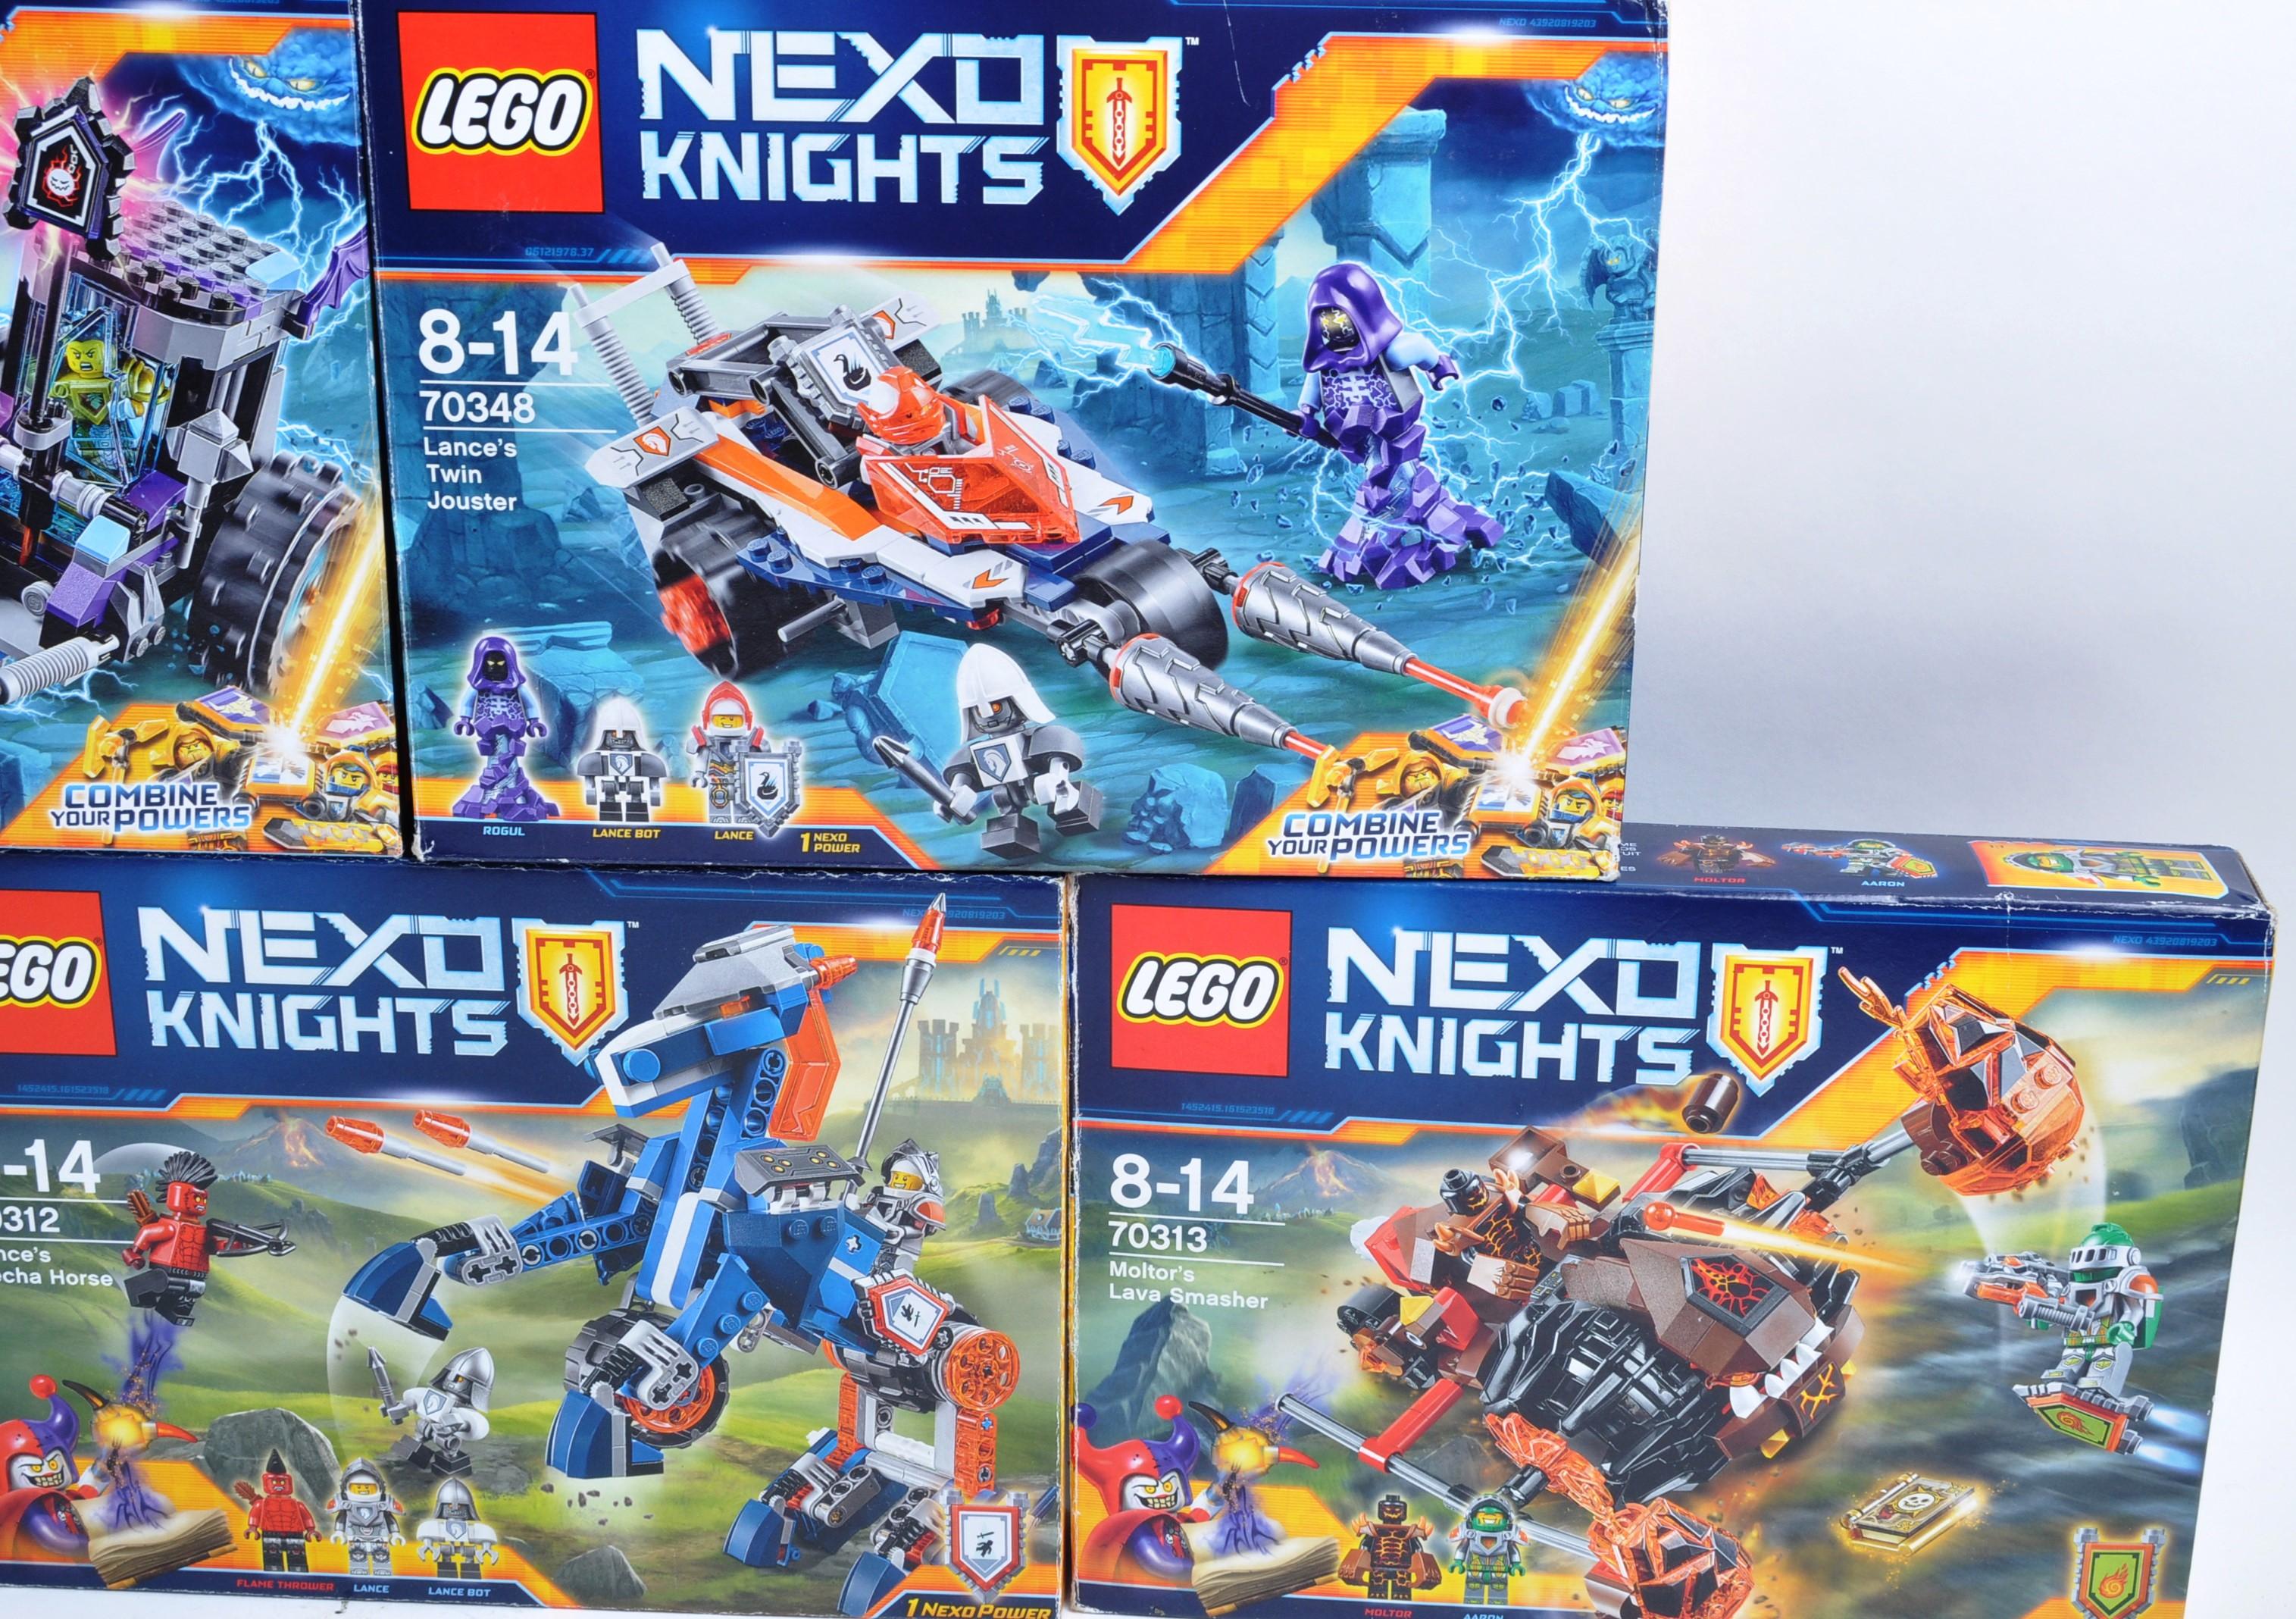 LEGO SETS - LEGO NEXO KNIGHTS - Image 3 of 6